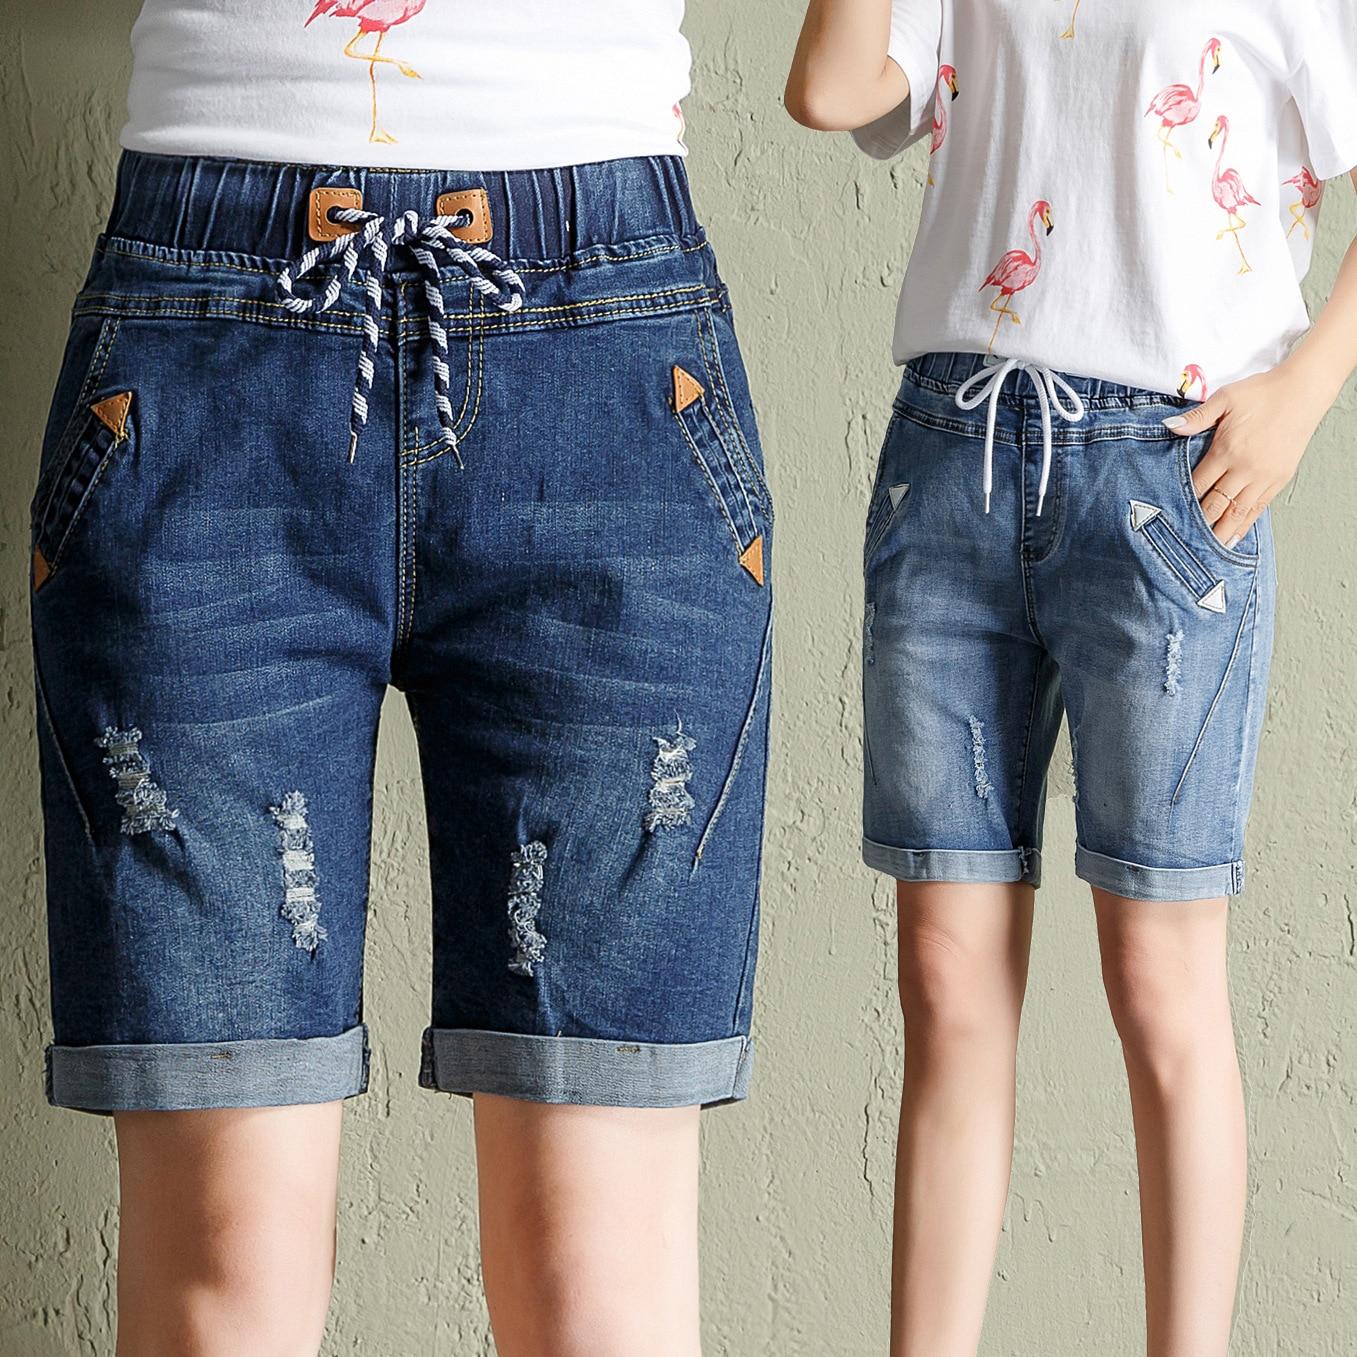 Denim Shorts Harem Trousers-8 Female Plus-Size Summer Women Students Wide-Leg 200 Five-Points